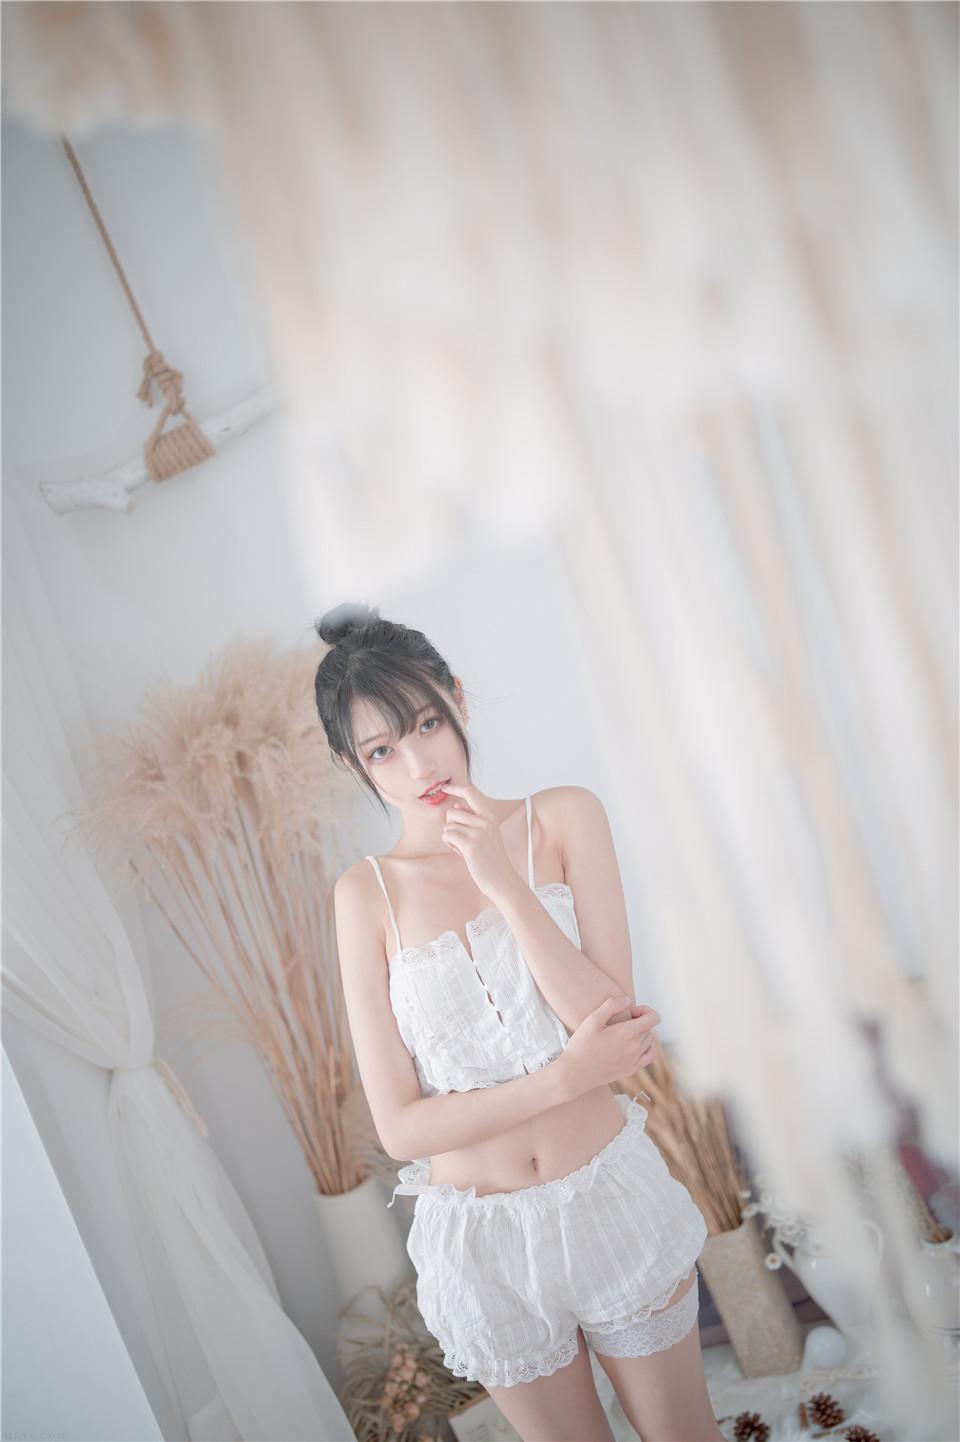 周叽是可爱兔兔 NO.015 白色睡衣[23P][196MB]